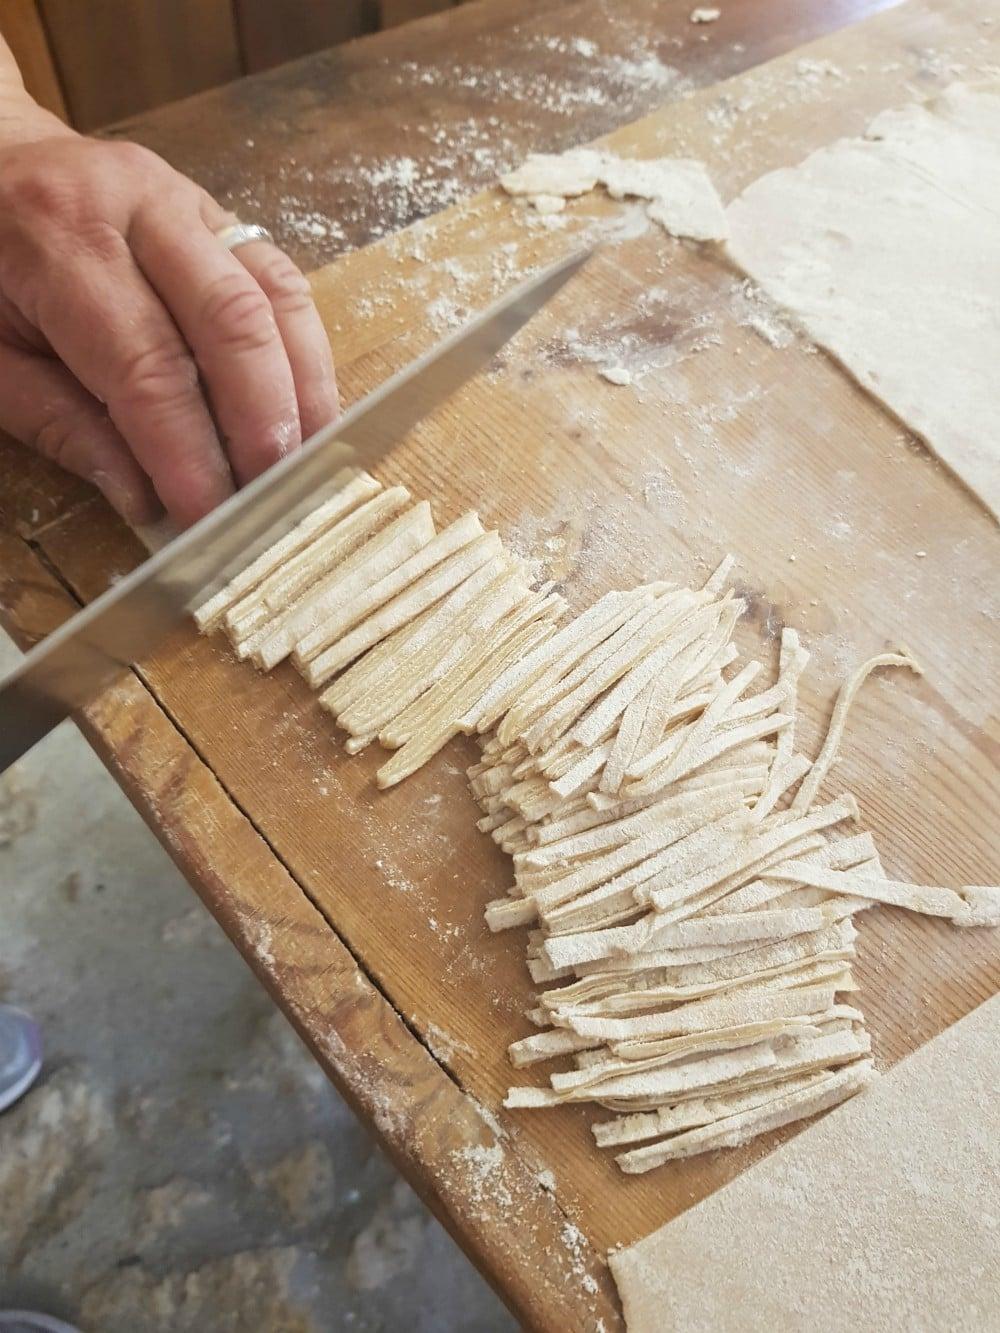 Sagne pasta making